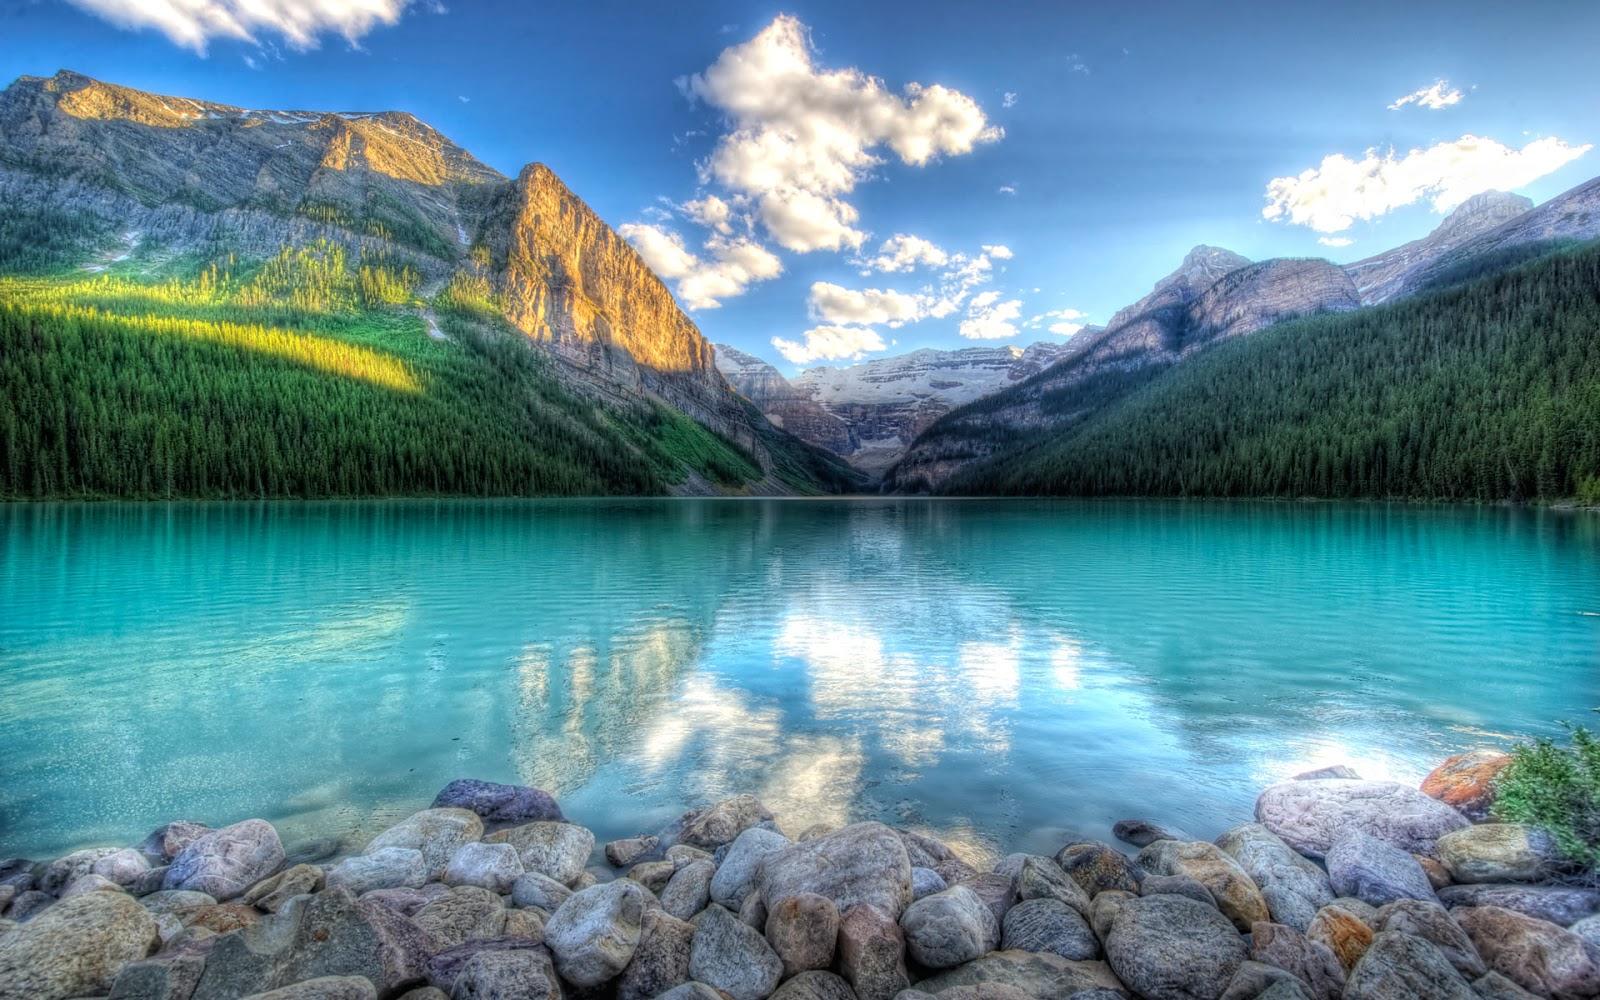 خلفيات الطبيعة اجمل المناظر الطبيعية الخلابة كلام نسوان